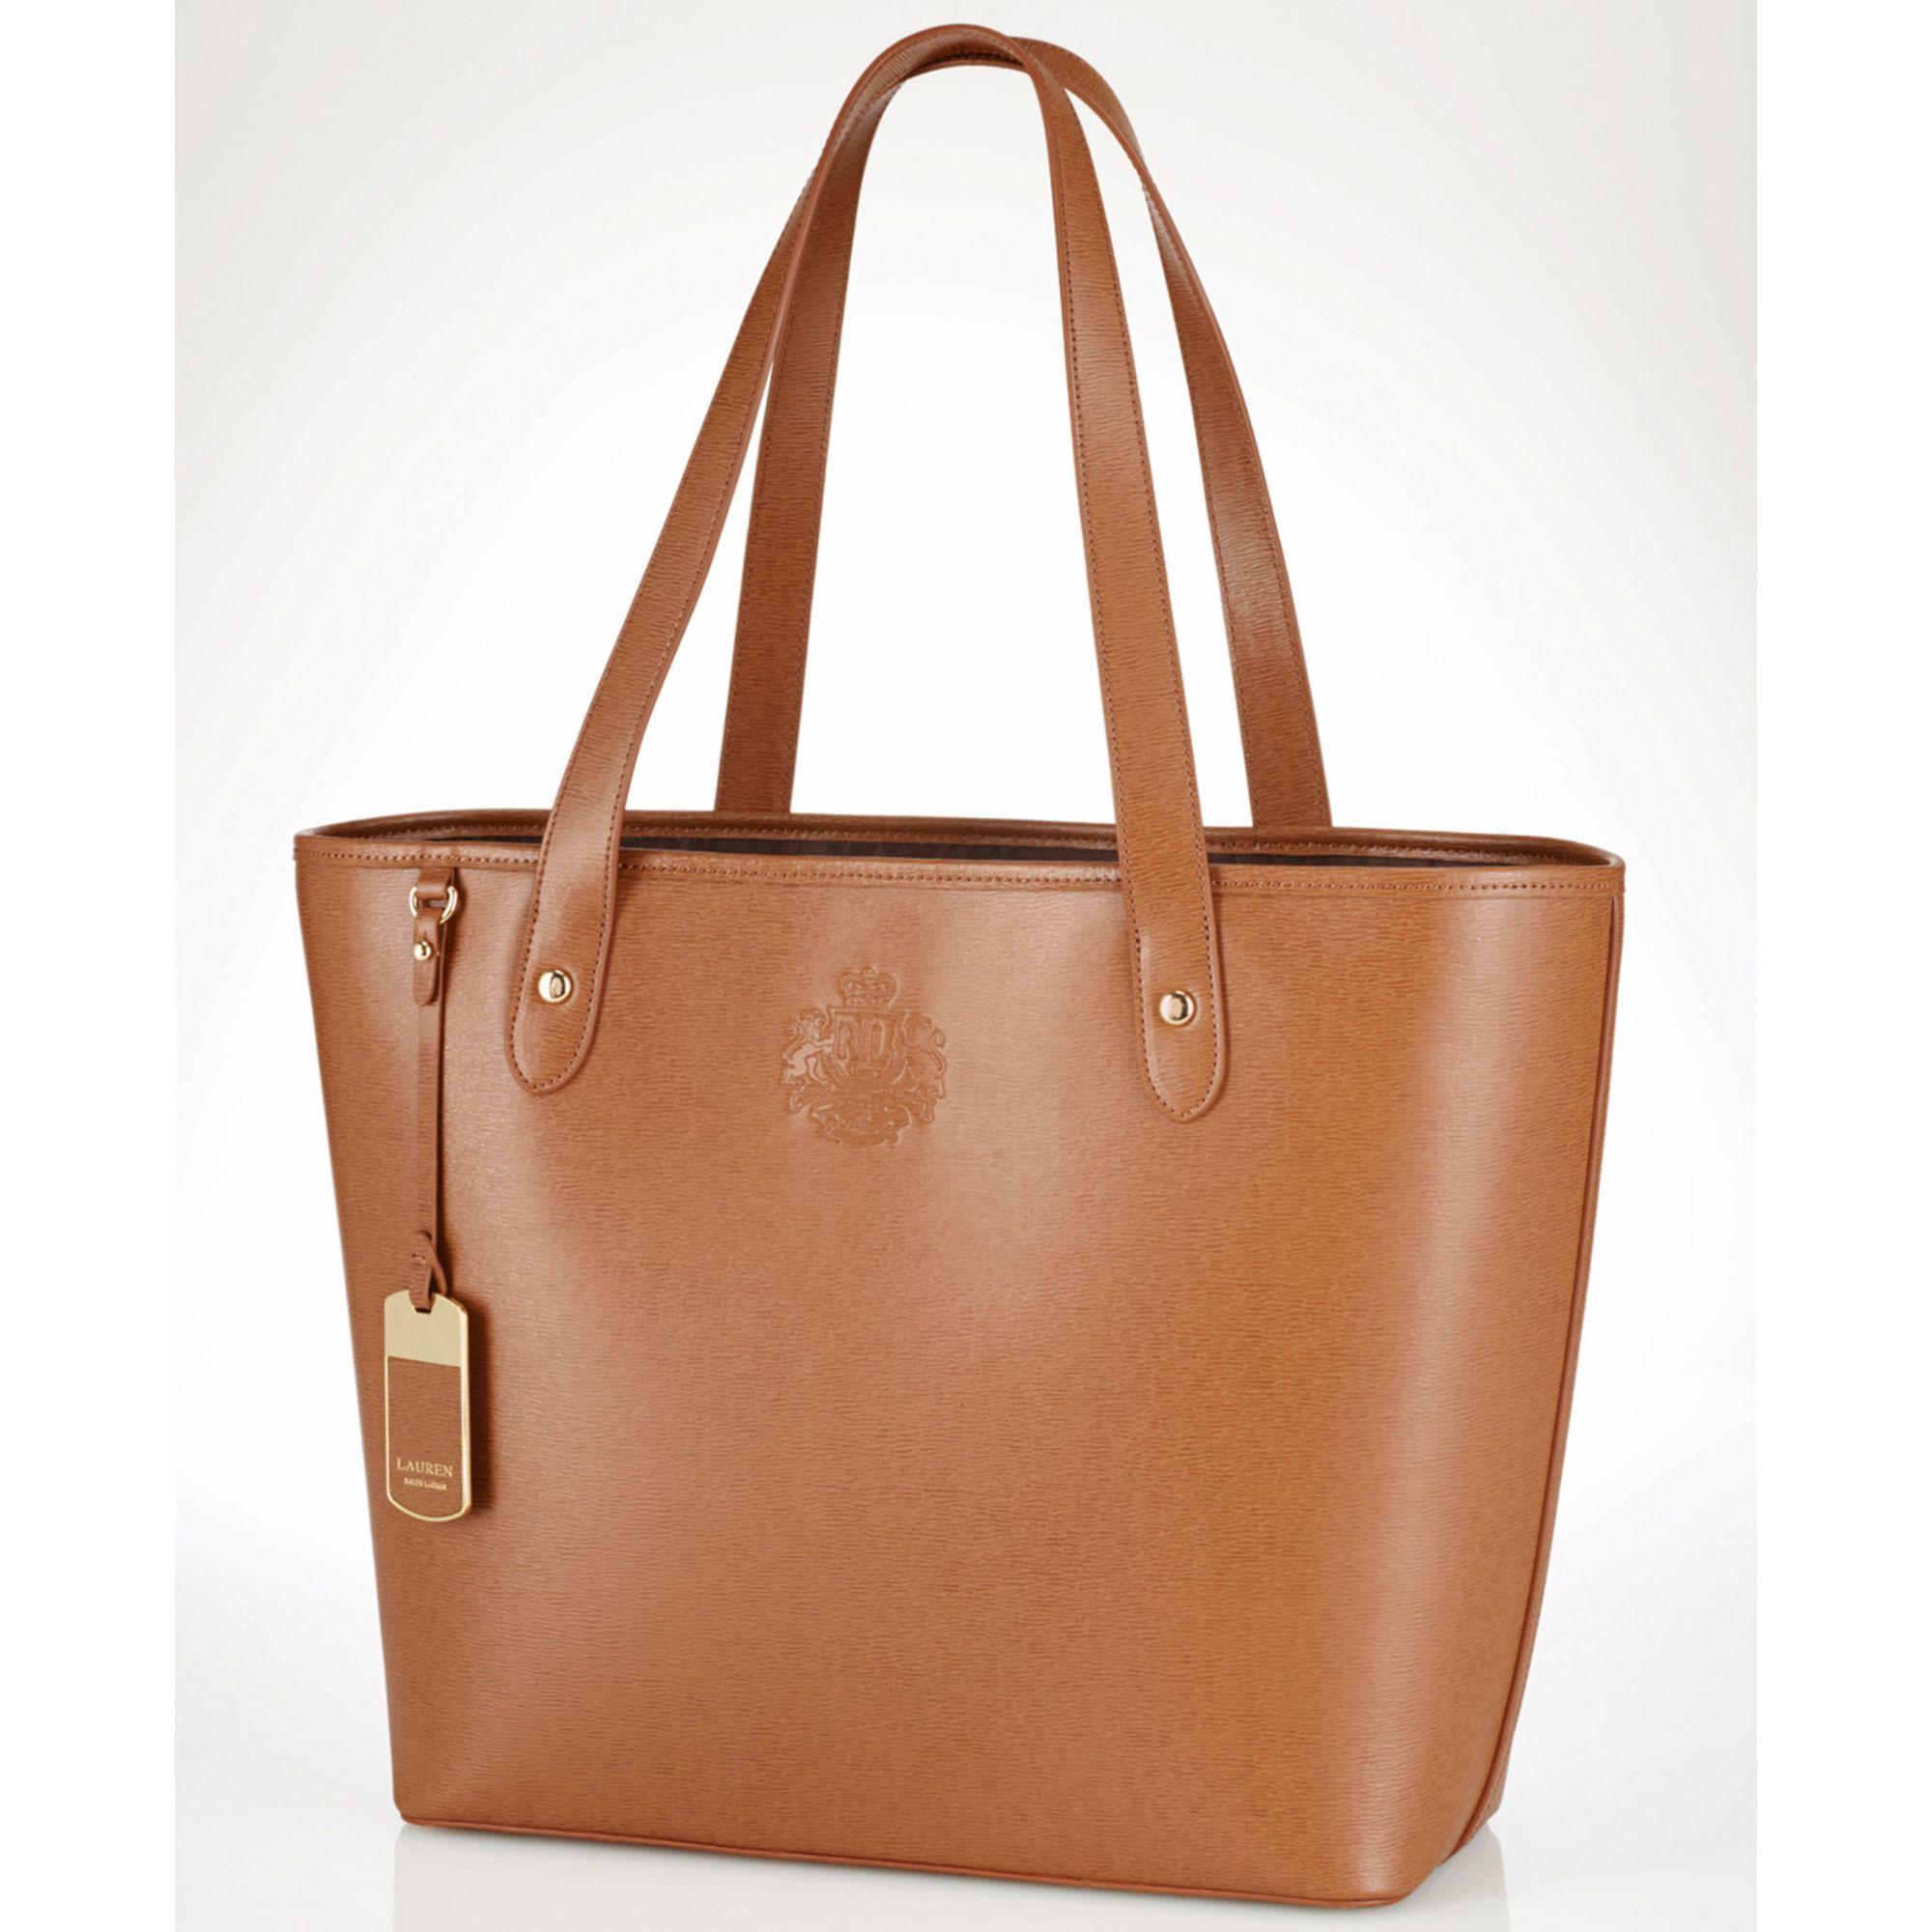 7cb3c78783 Lyst - Lauren by Ralph Lauren Lauren Ralph Lauren Handbag Newbury ...